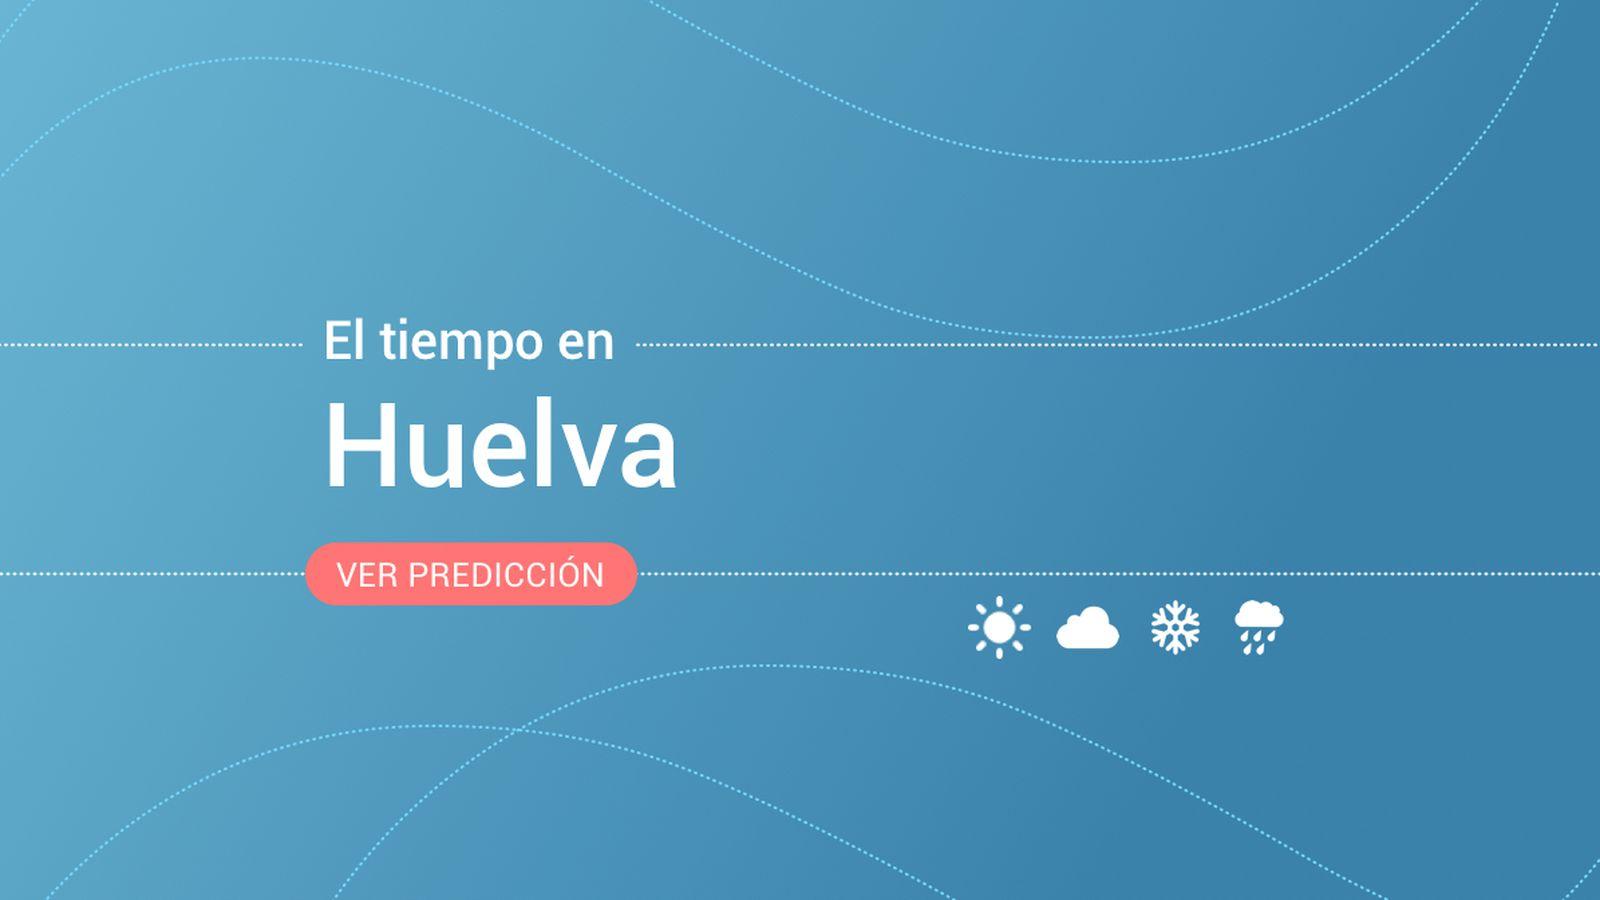 Foto: El tiempo en Huelva. (EC)